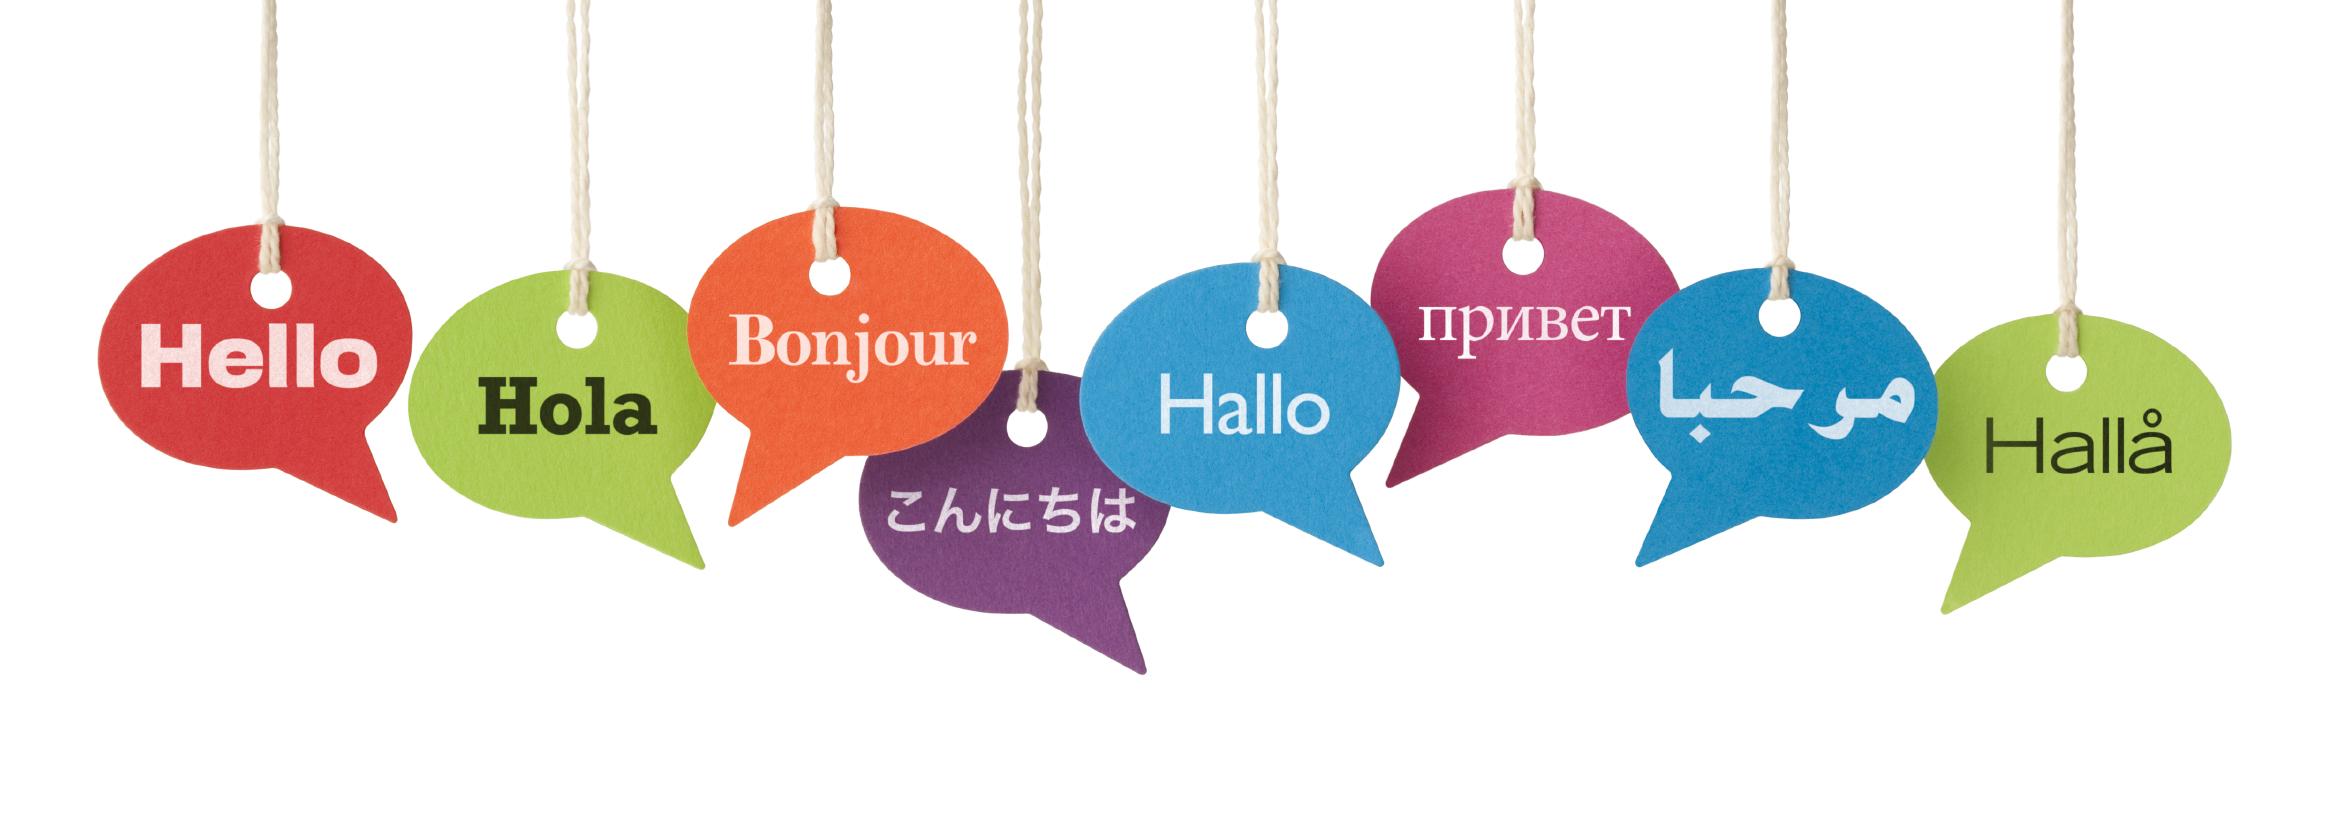 Ngoại ngữ chìa khóa mở ra nhiều cơ hội